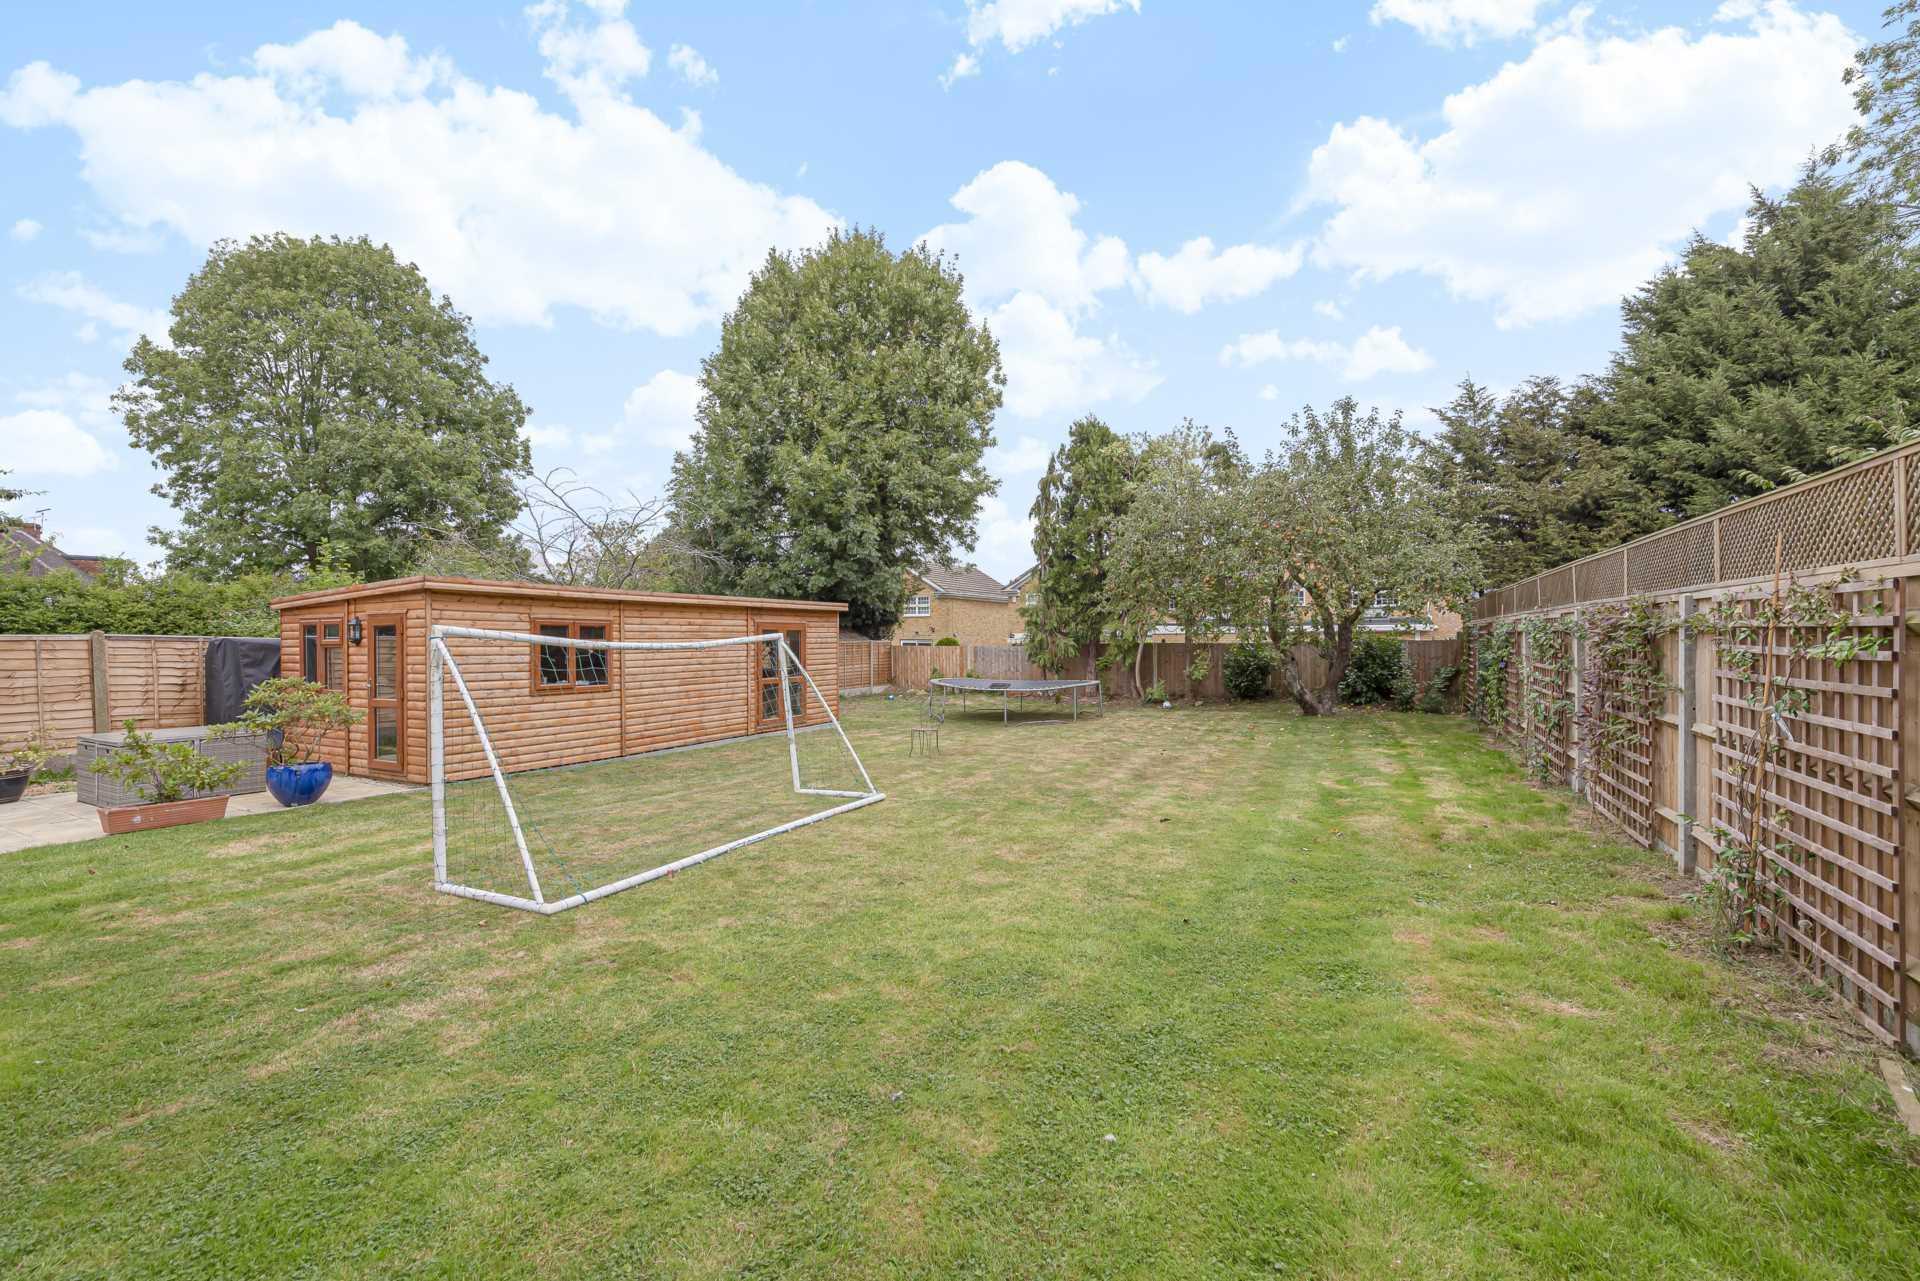 Deacons Hill Road, Elstree, Image 11